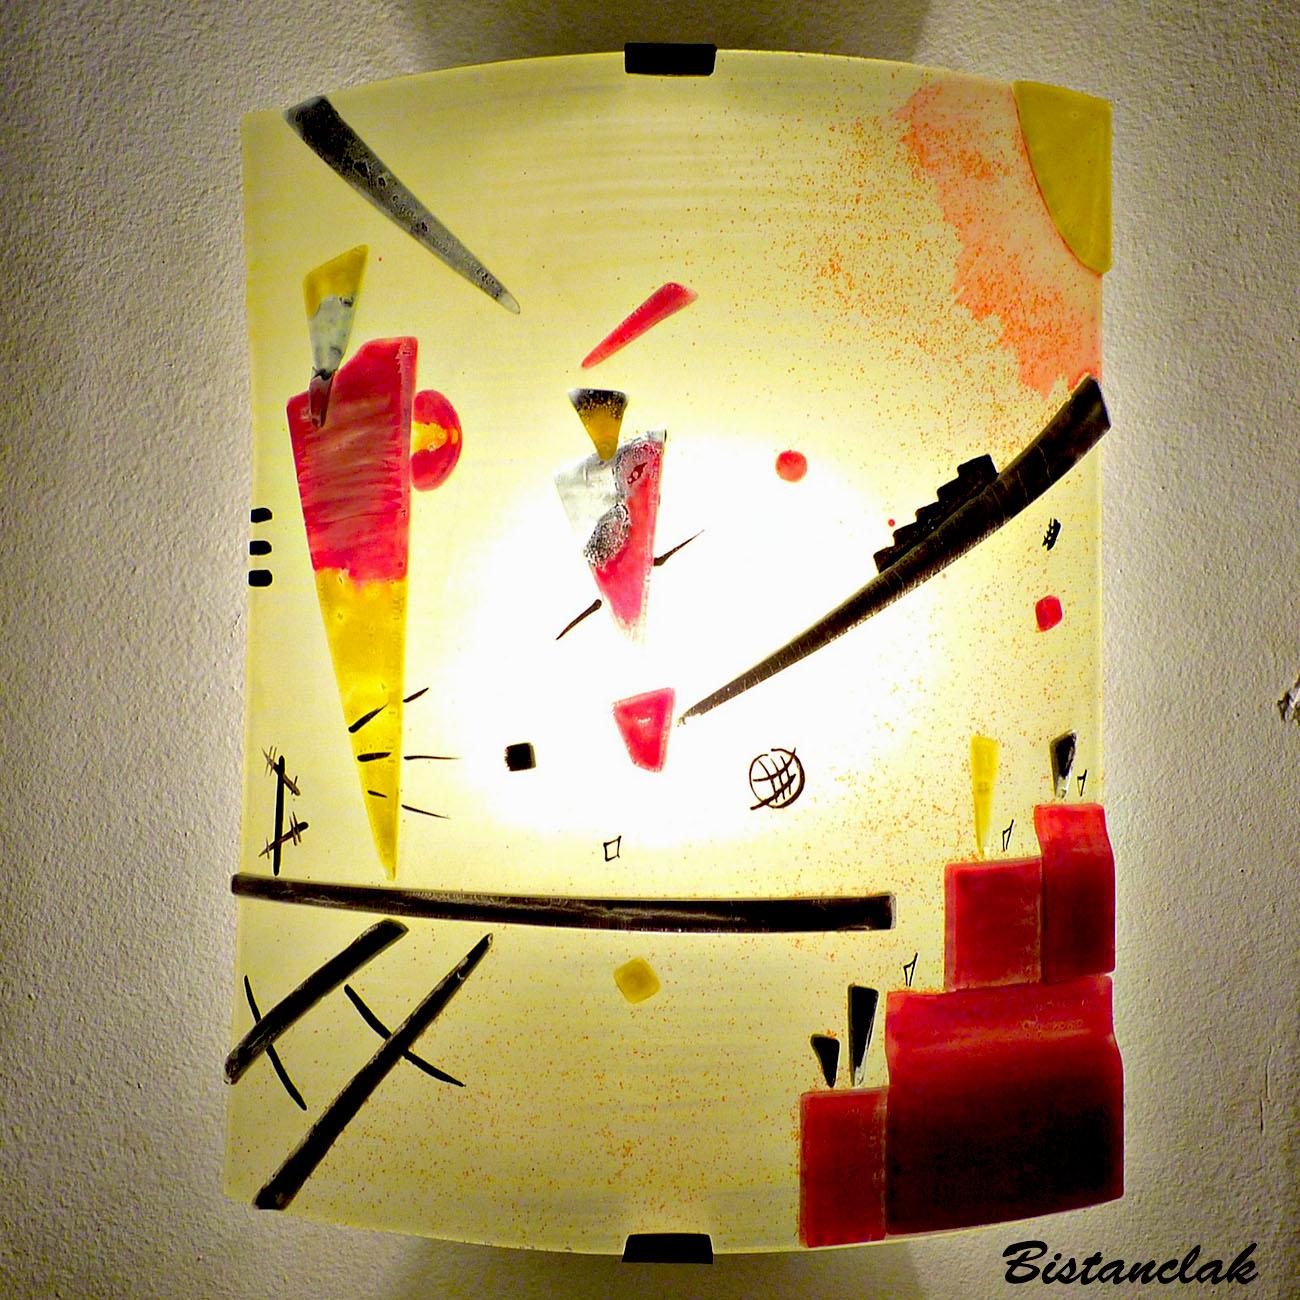 lampe applique jaune et rouge tendance géométrique vendue en ligne